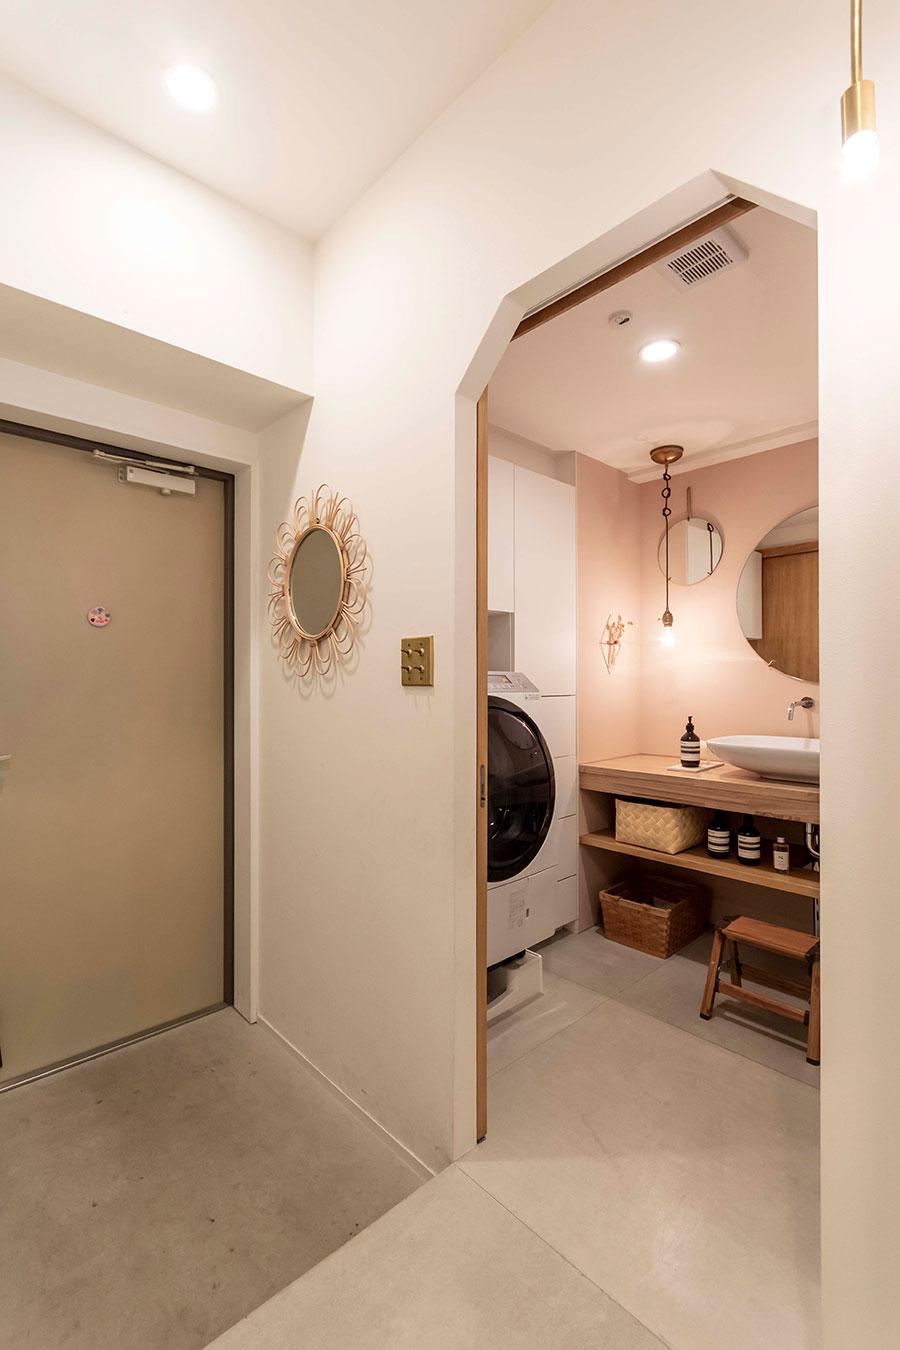 玄関を入ってすぐ横に洗面所と浴室がある。